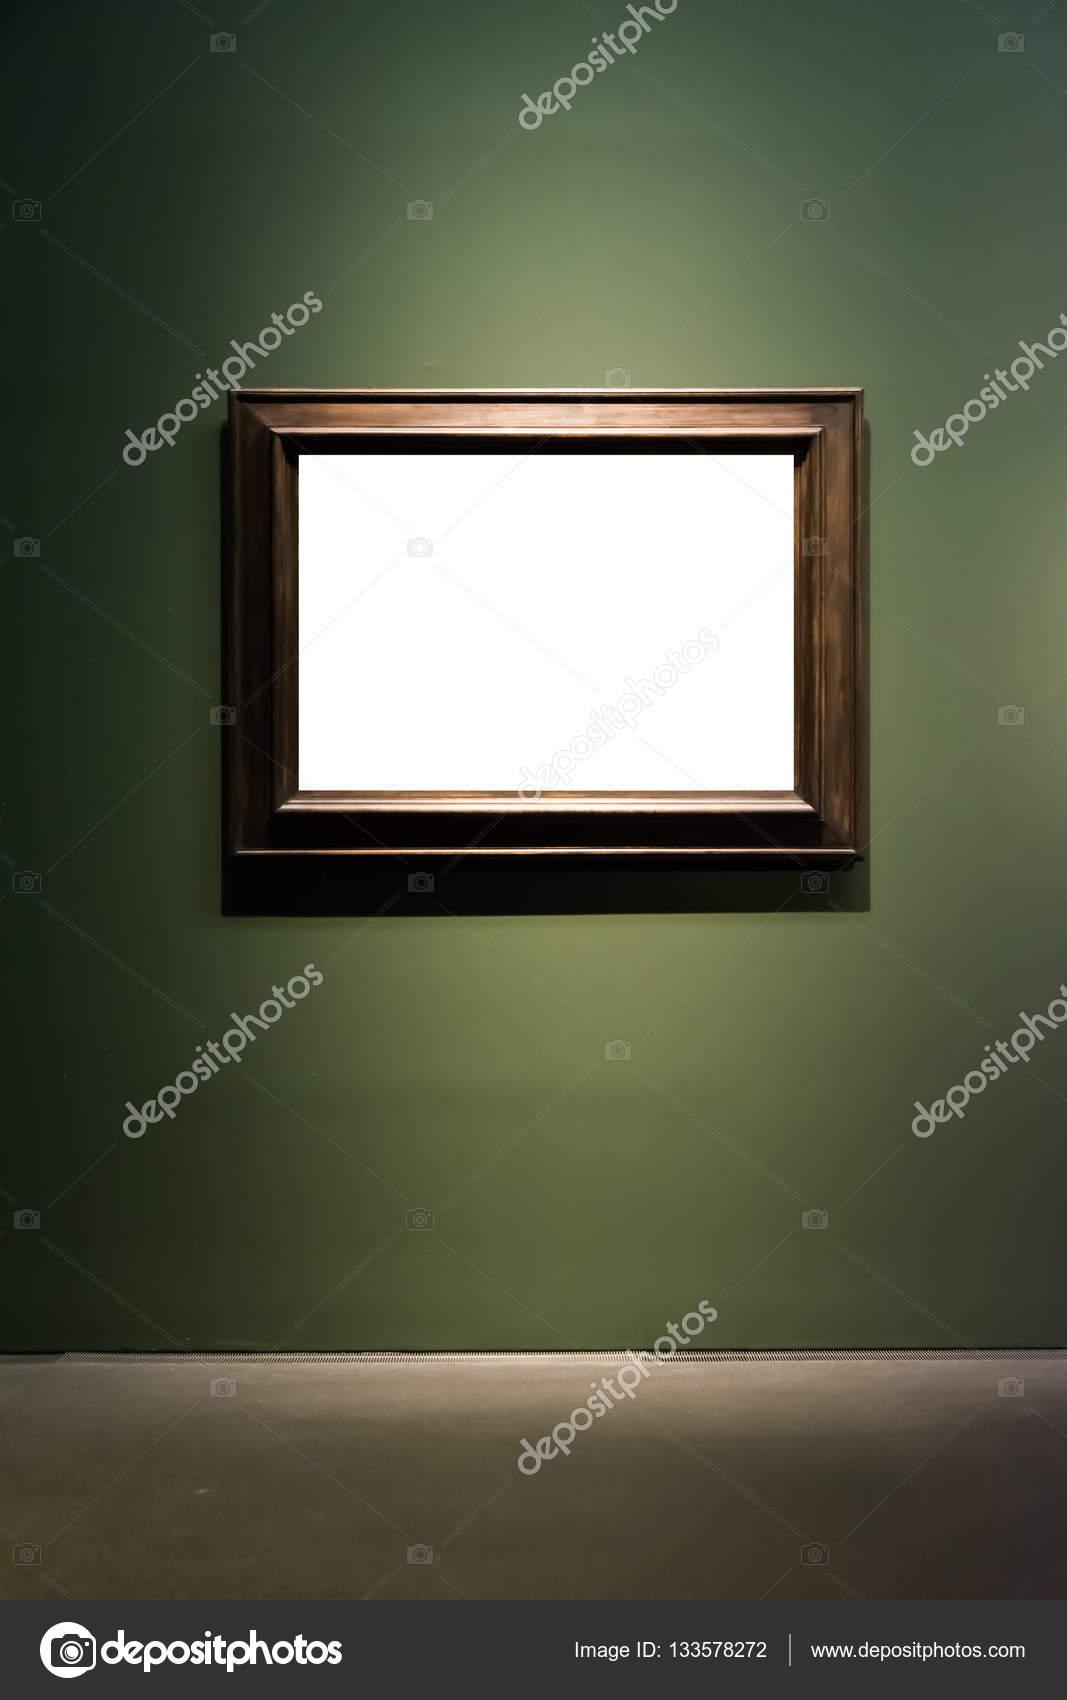 musée d'art cadre mur vert foncé orné design blanc isolé cl